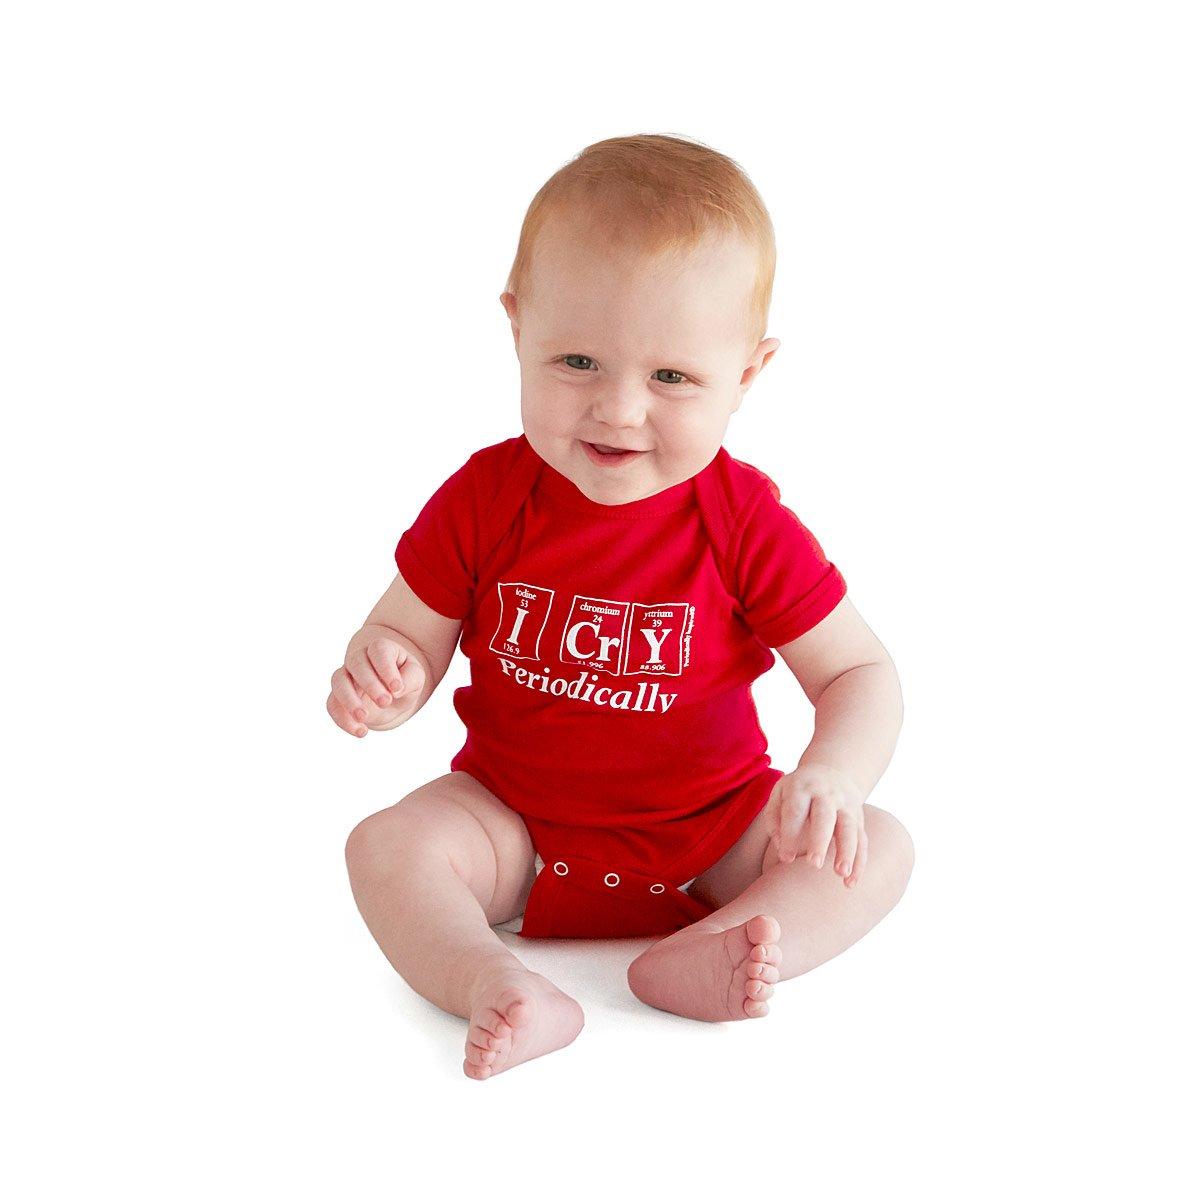 baby gifts | uncommongoods